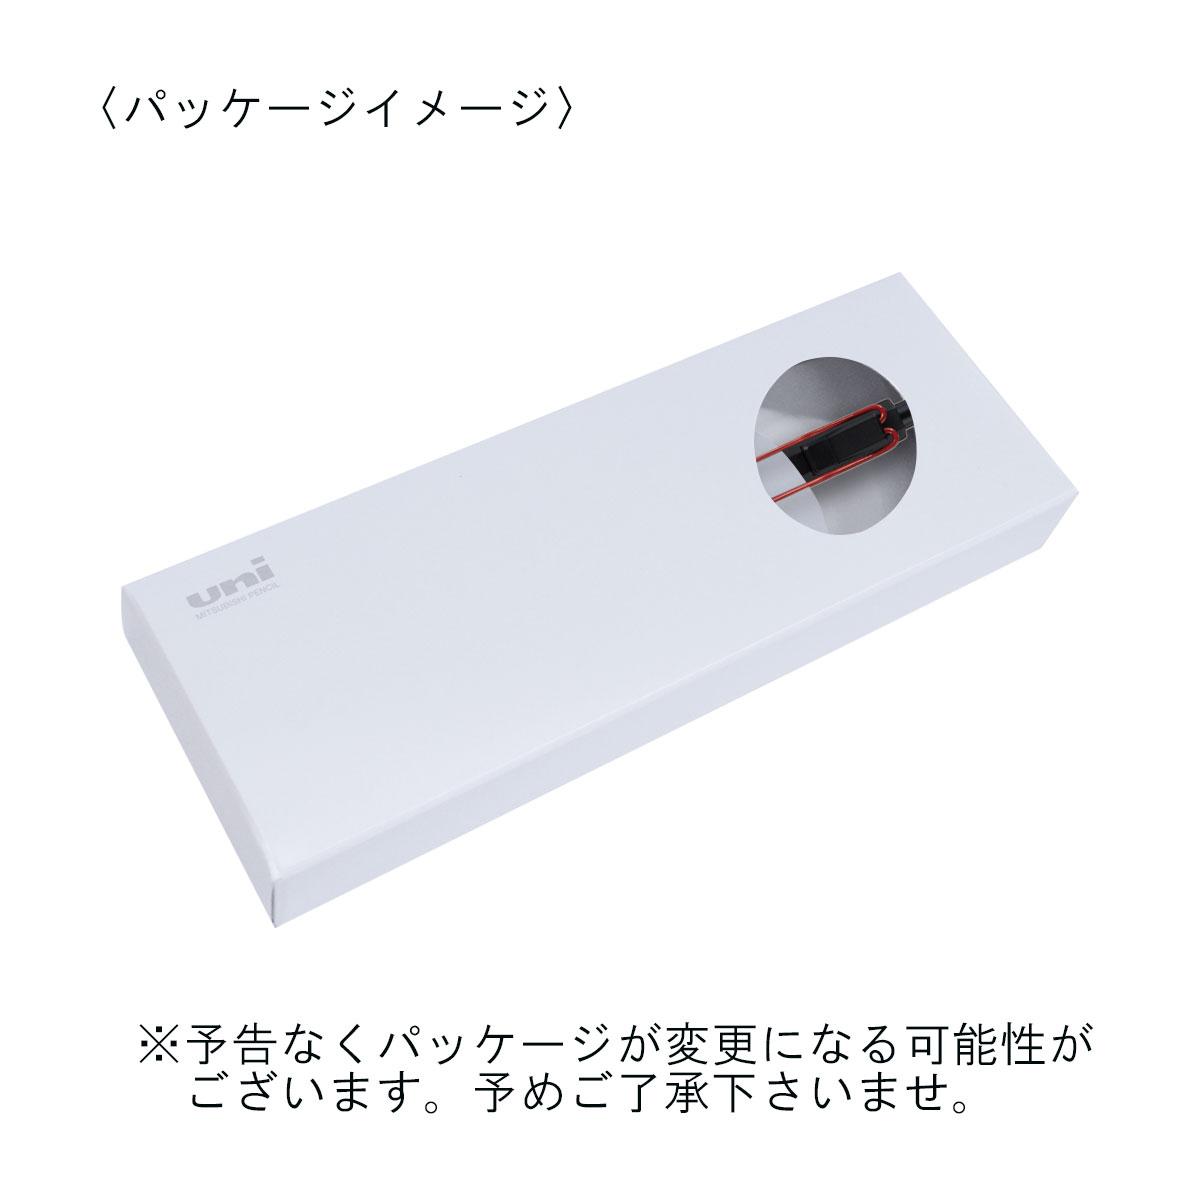 三菱鉛筆 ジェットストリームエッジ(0.38mm) SXN-1003-38